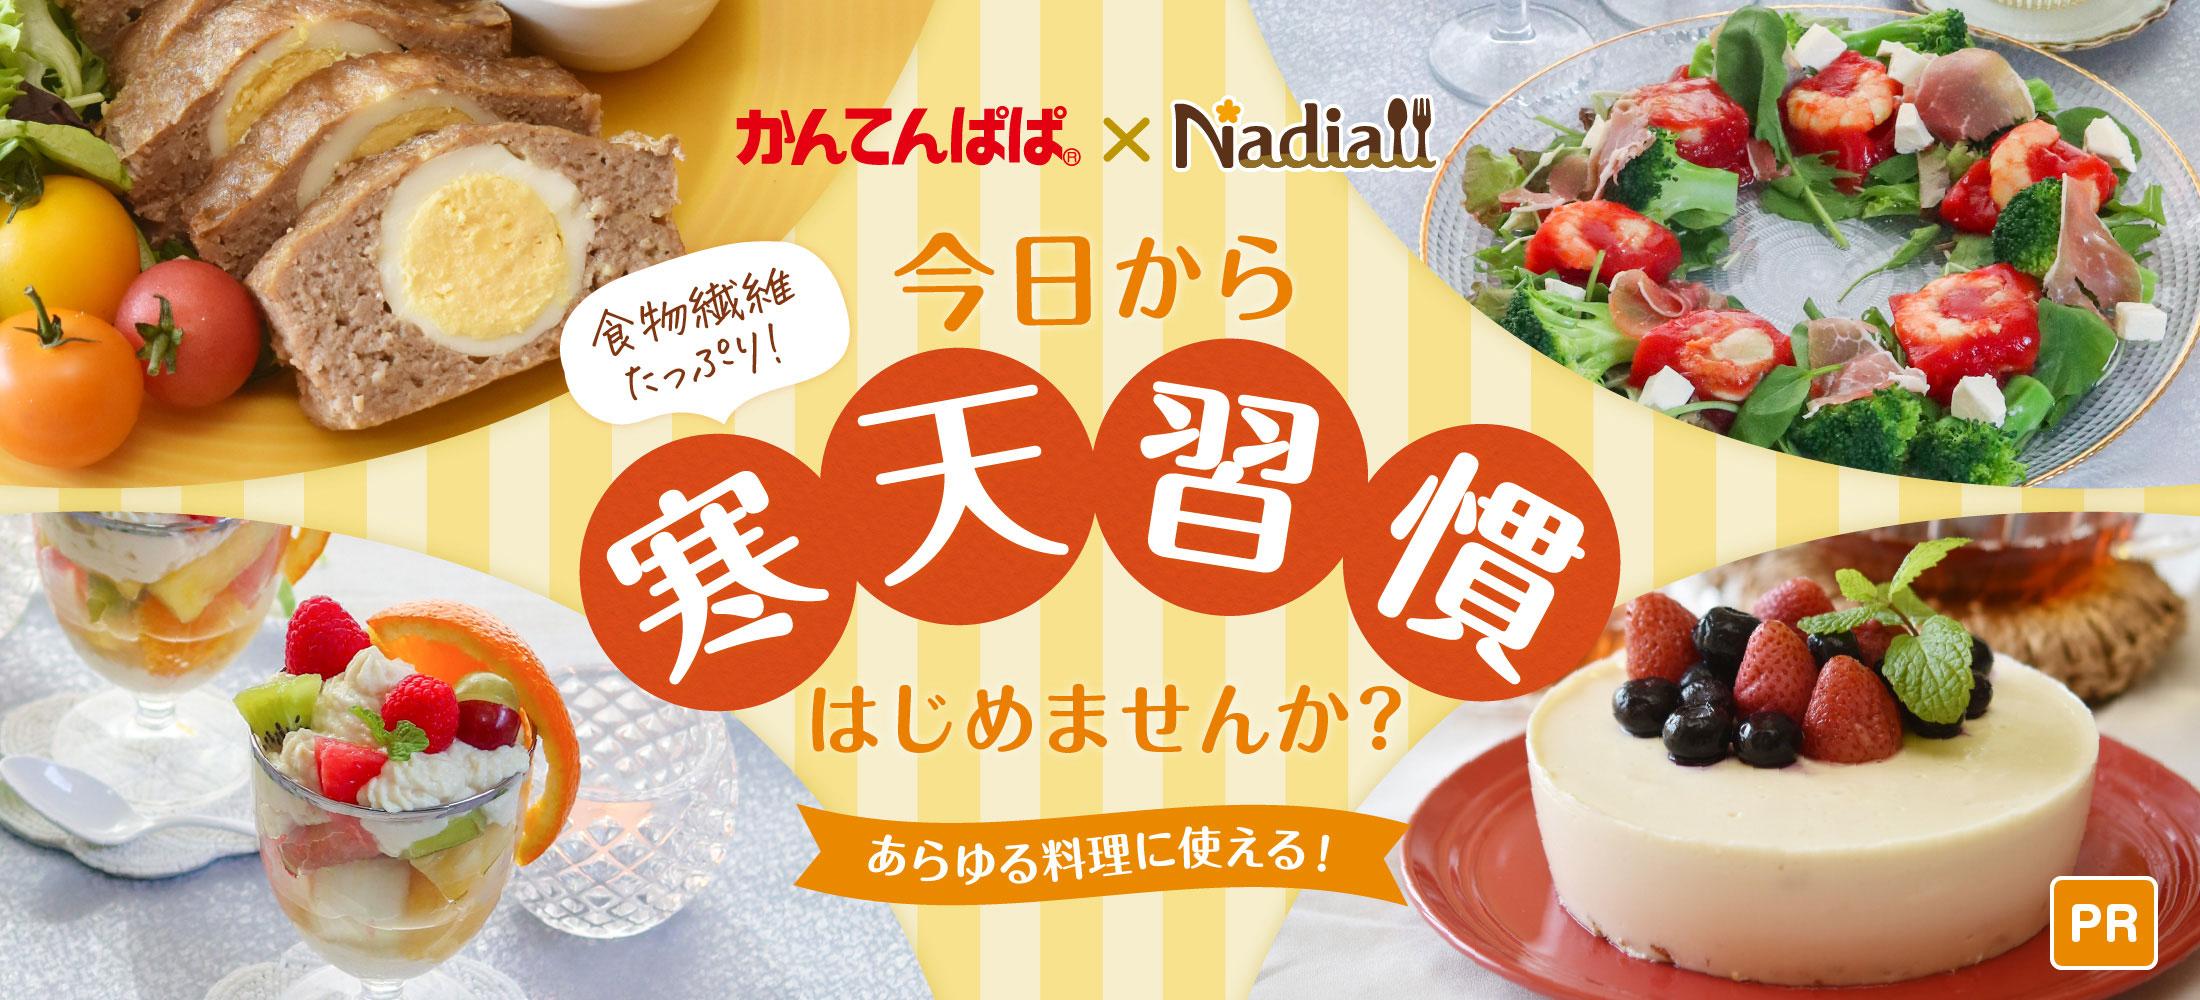 かんてんぱぱ×Nadia 食物繊維たっぷり!今日から寒天習慣はじめませんか。